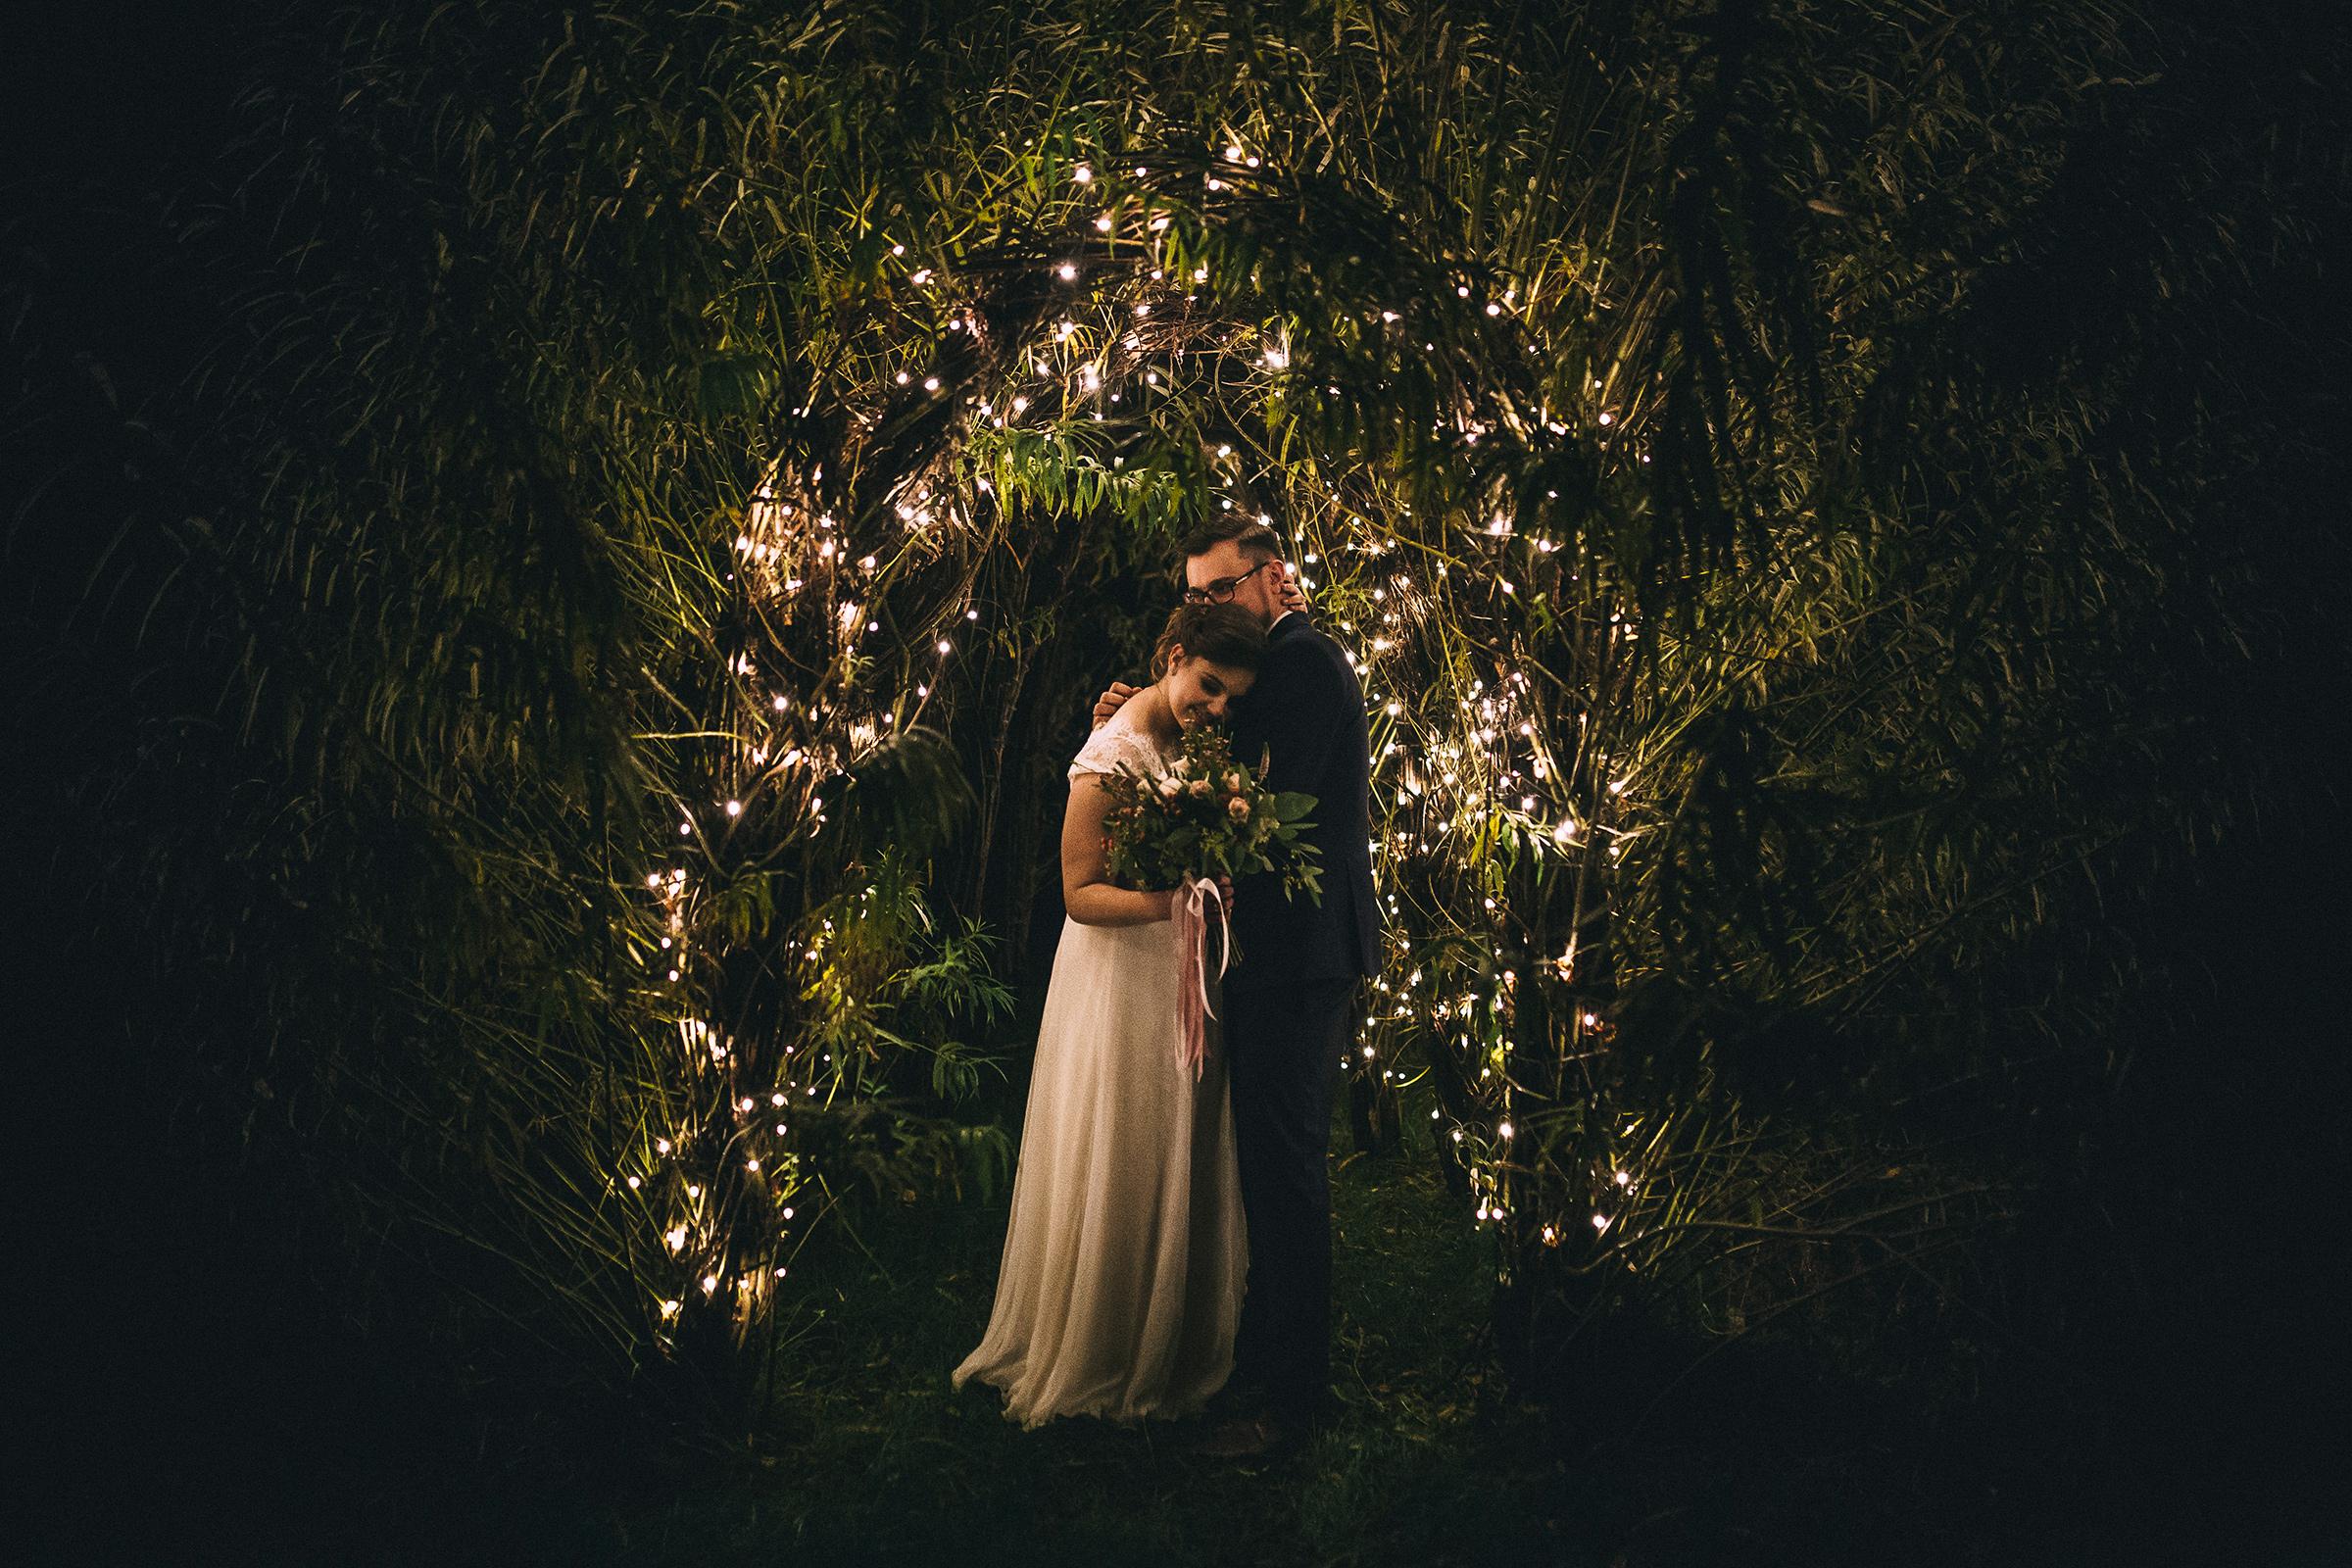 6 najwaniejszych zalet randki w ciemno - - ilctc.org